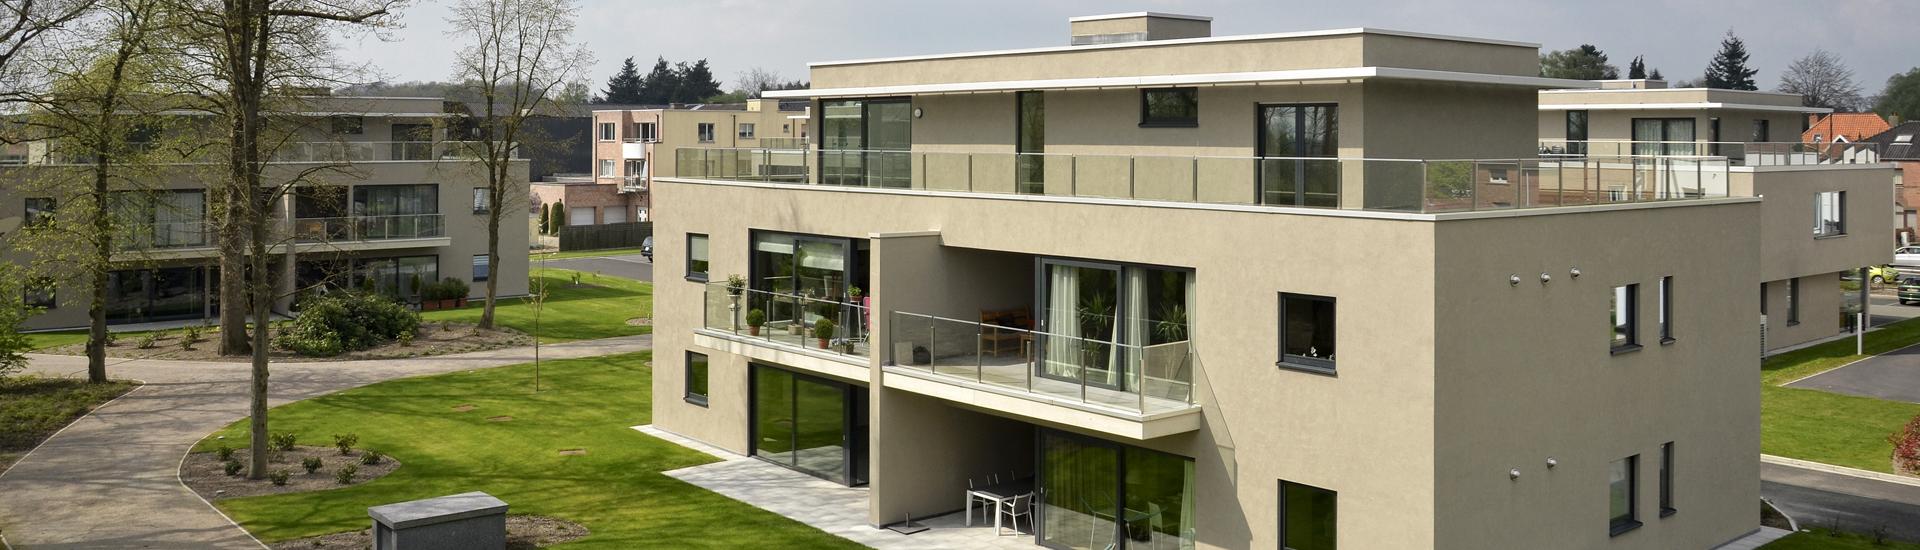 De Blaupoort luxe appartementen te huur Sint Martens Latem